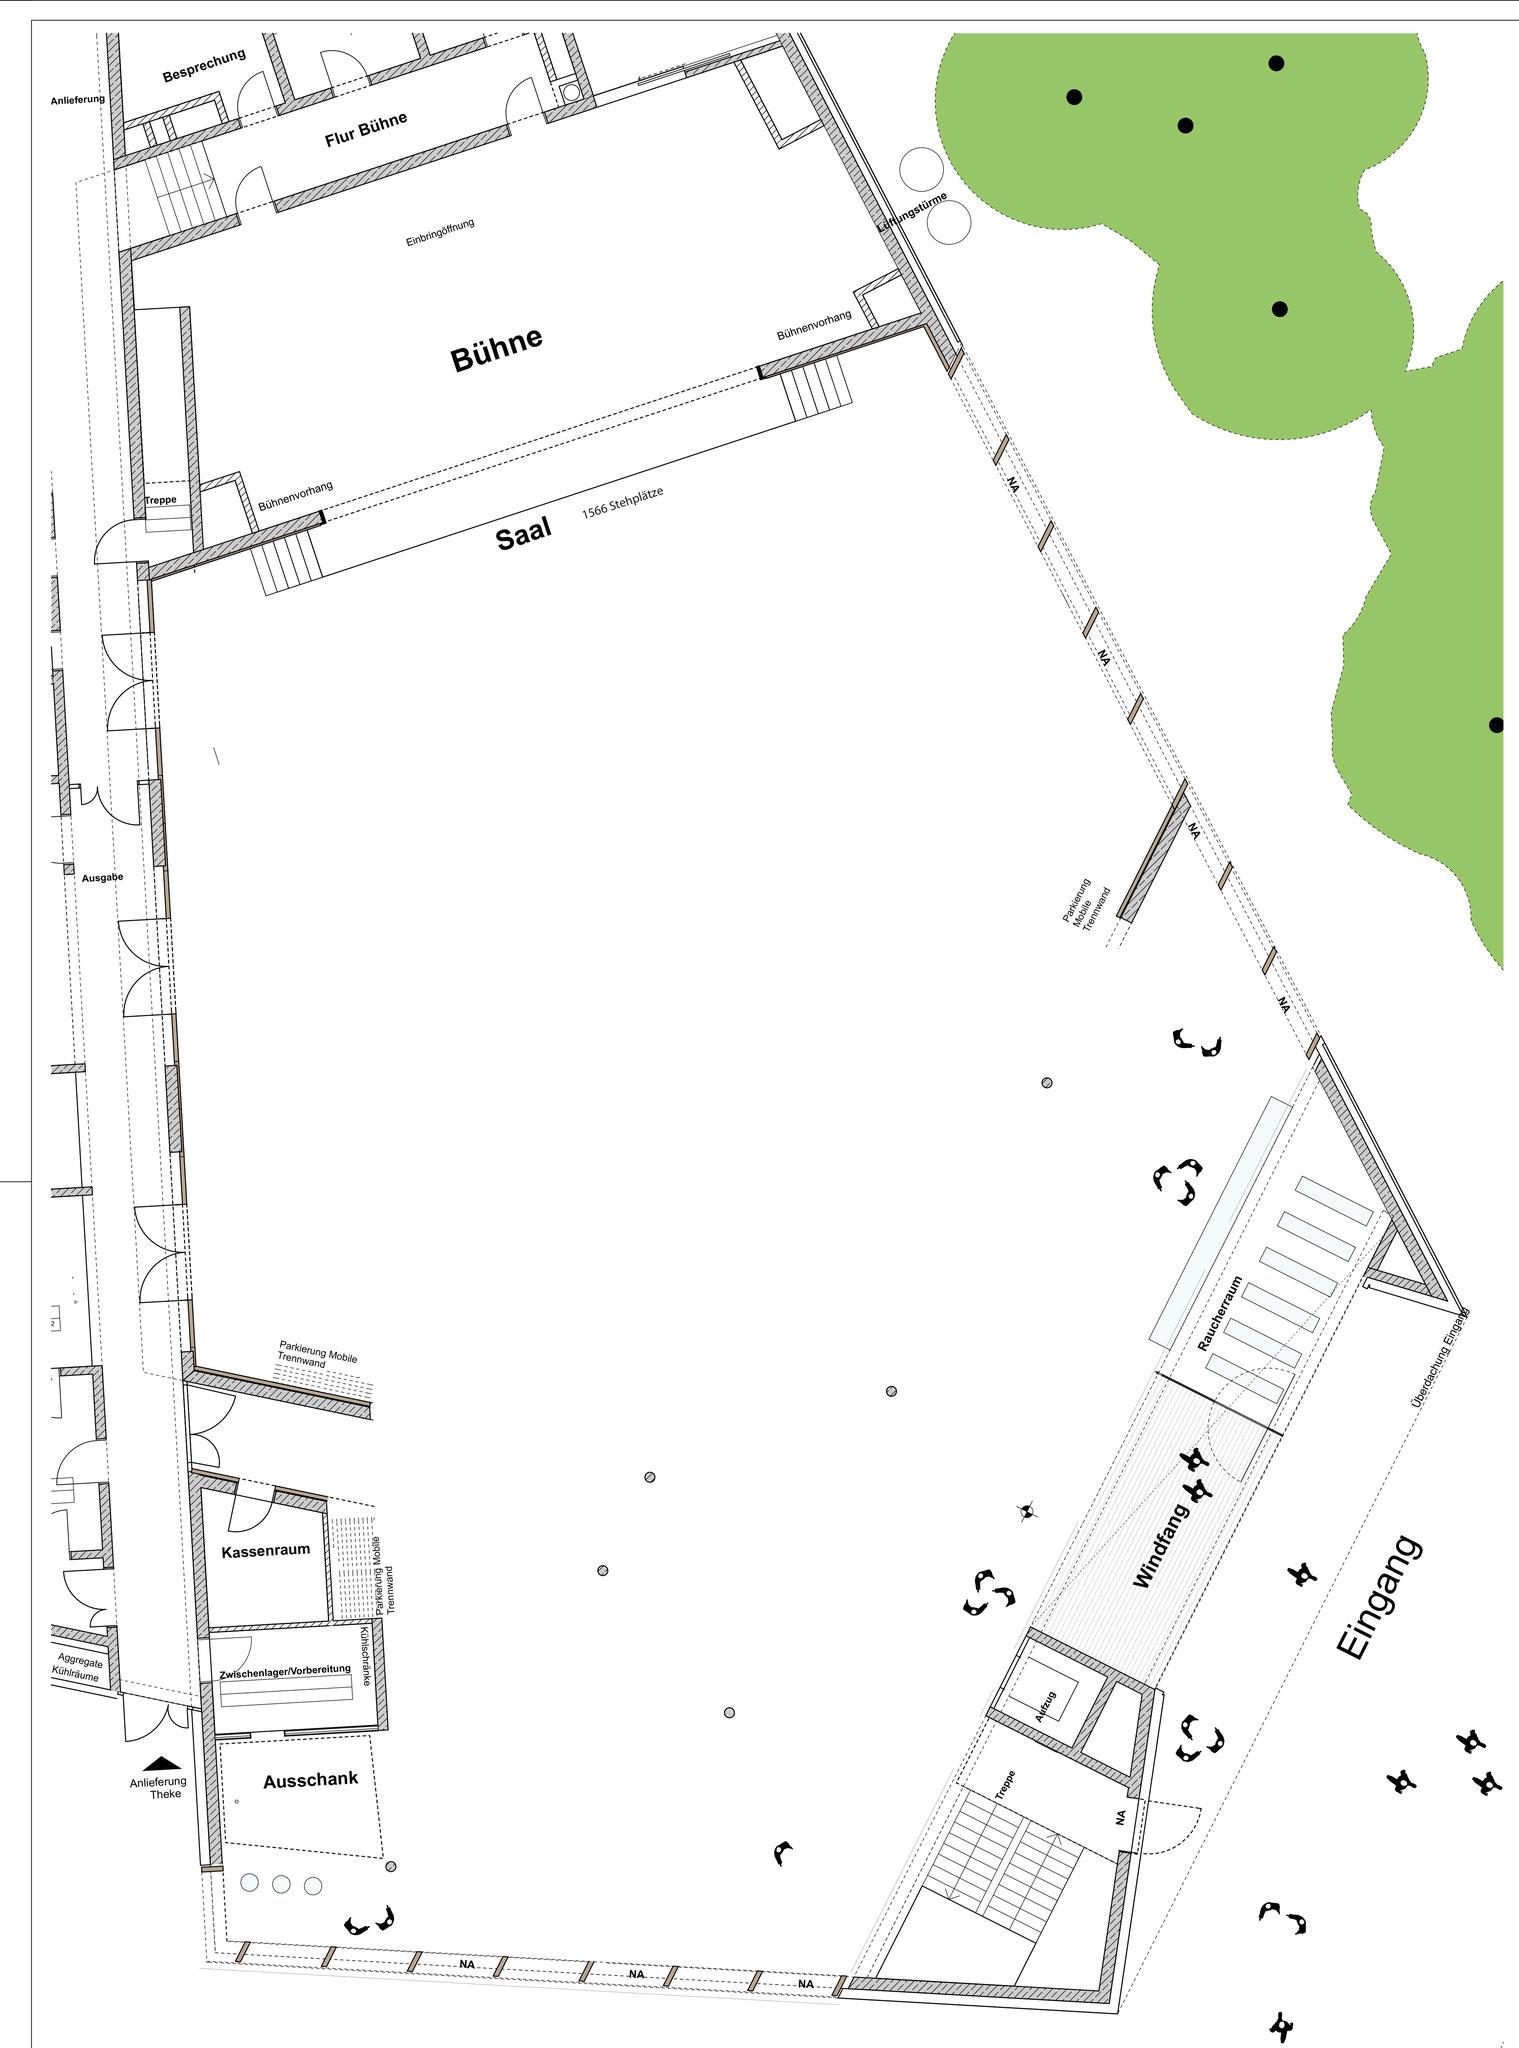 Bei geöffneten mobilen Trennwänden stehen 1566 Stehplätze zur Verfügung